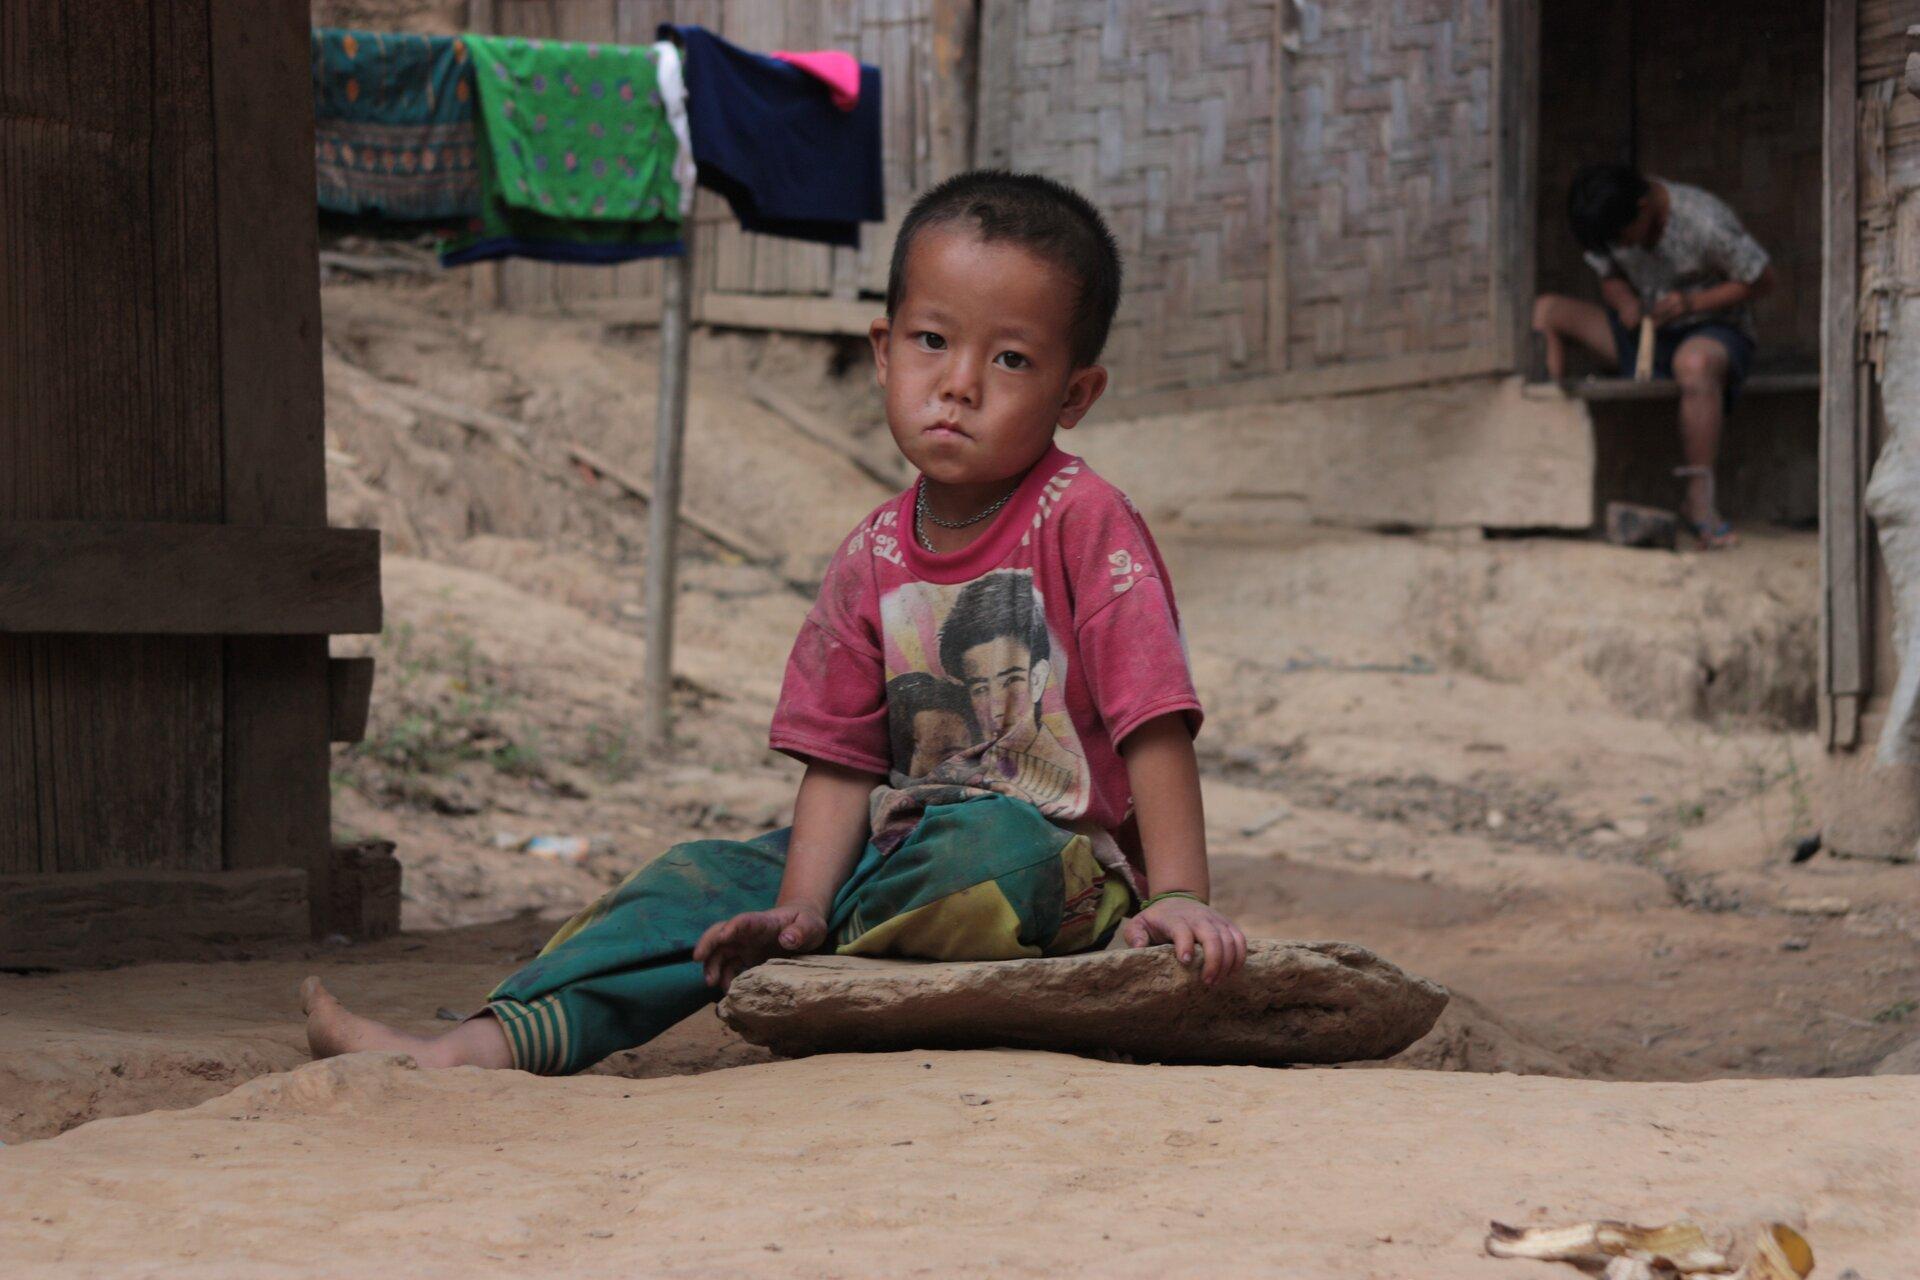 Dysproporcje rozwojowe (bieda) Źródło: pixabay, Dysproporcje rozwojowe (bieda), licencja: CC 0.